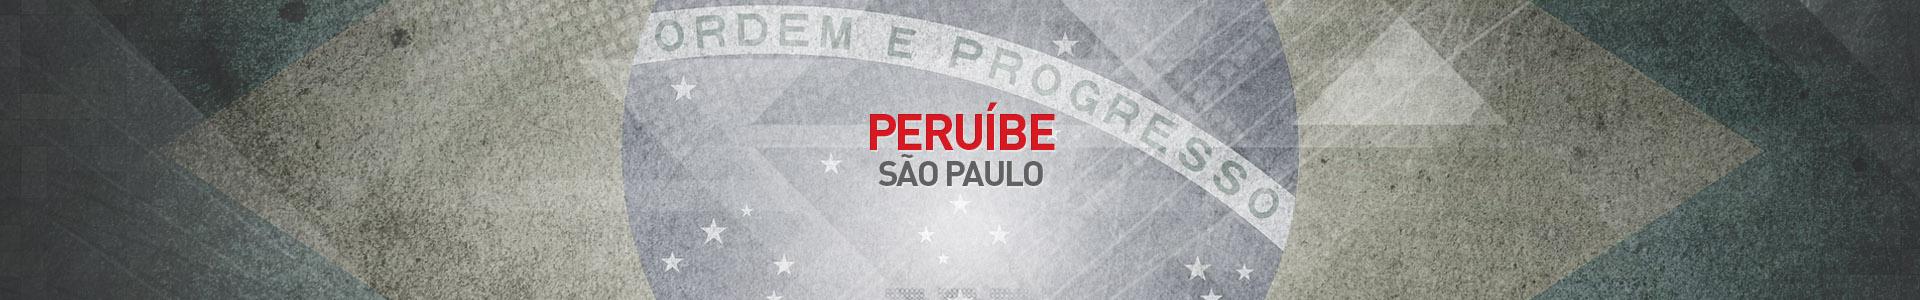 Topo-Cidades-Peruibe-SBA